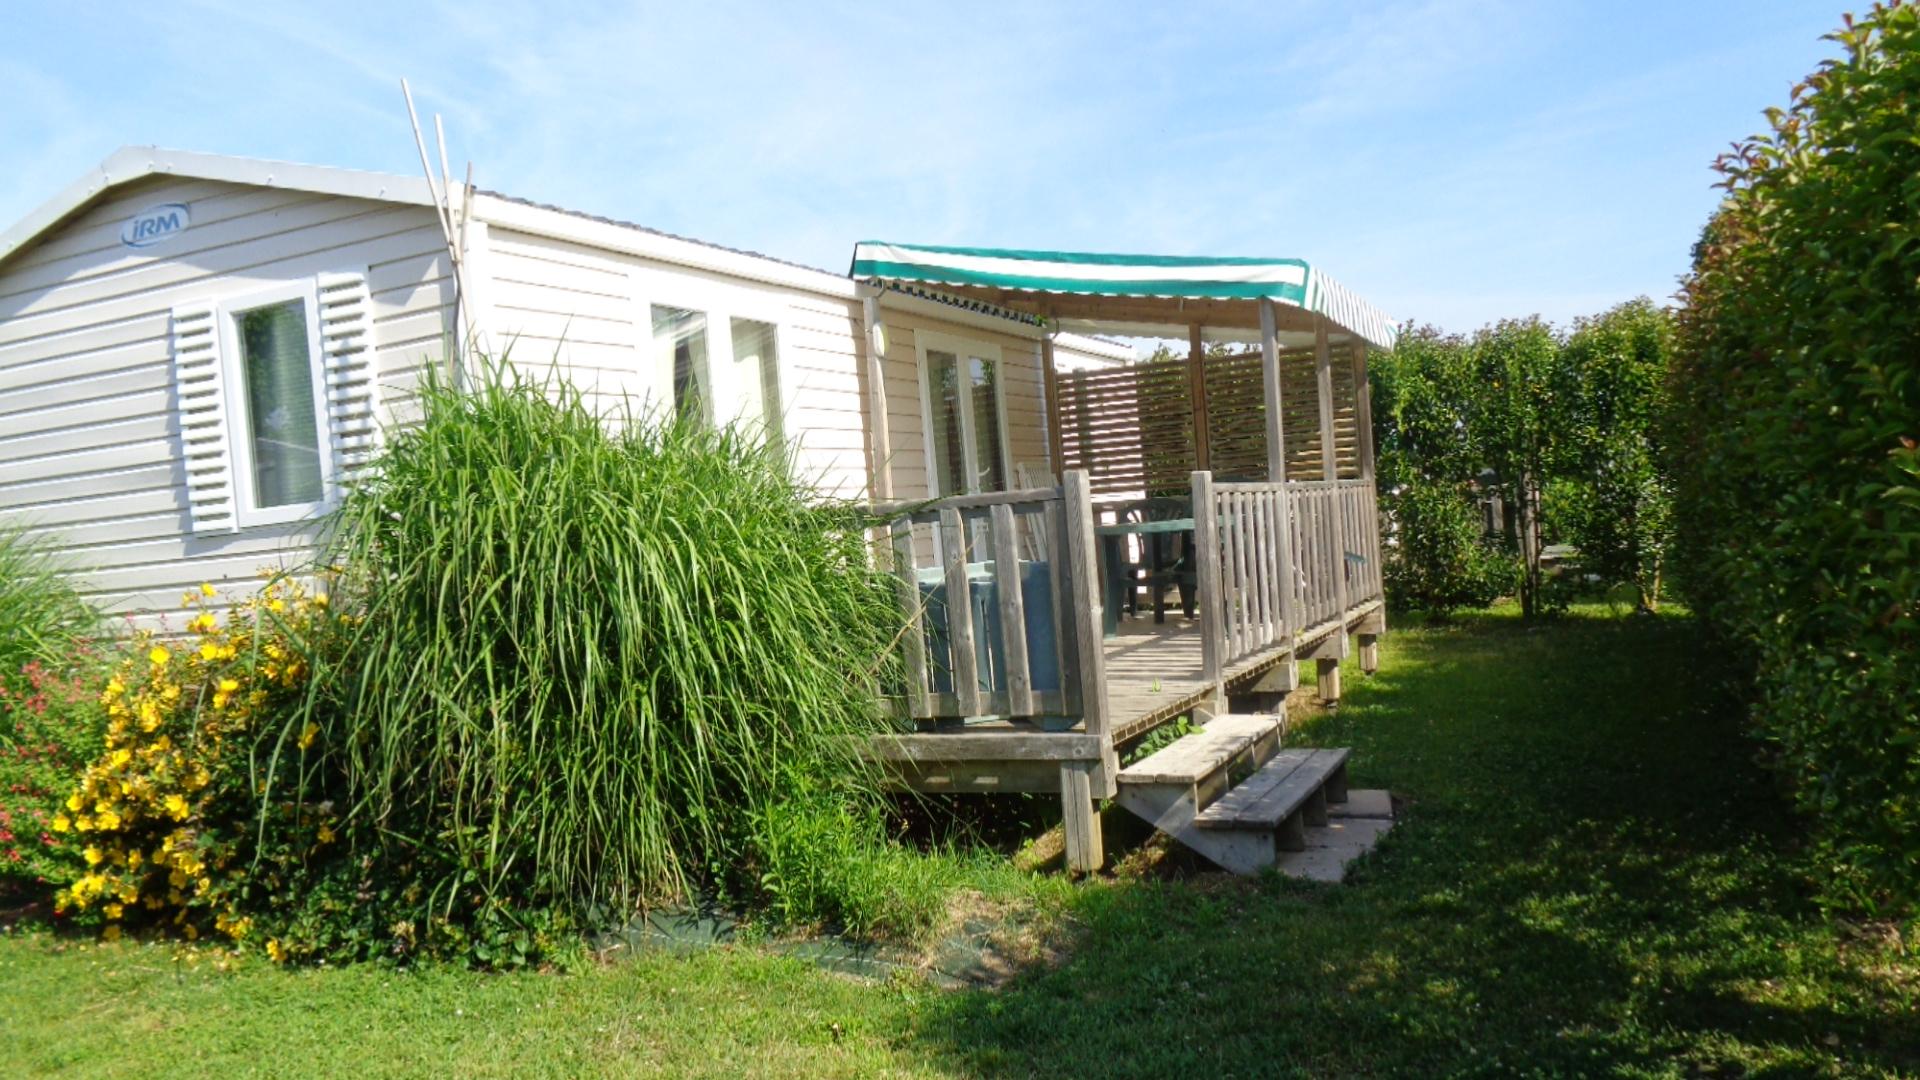 Mobil-home 3 chambres climatisé a La Rochelle